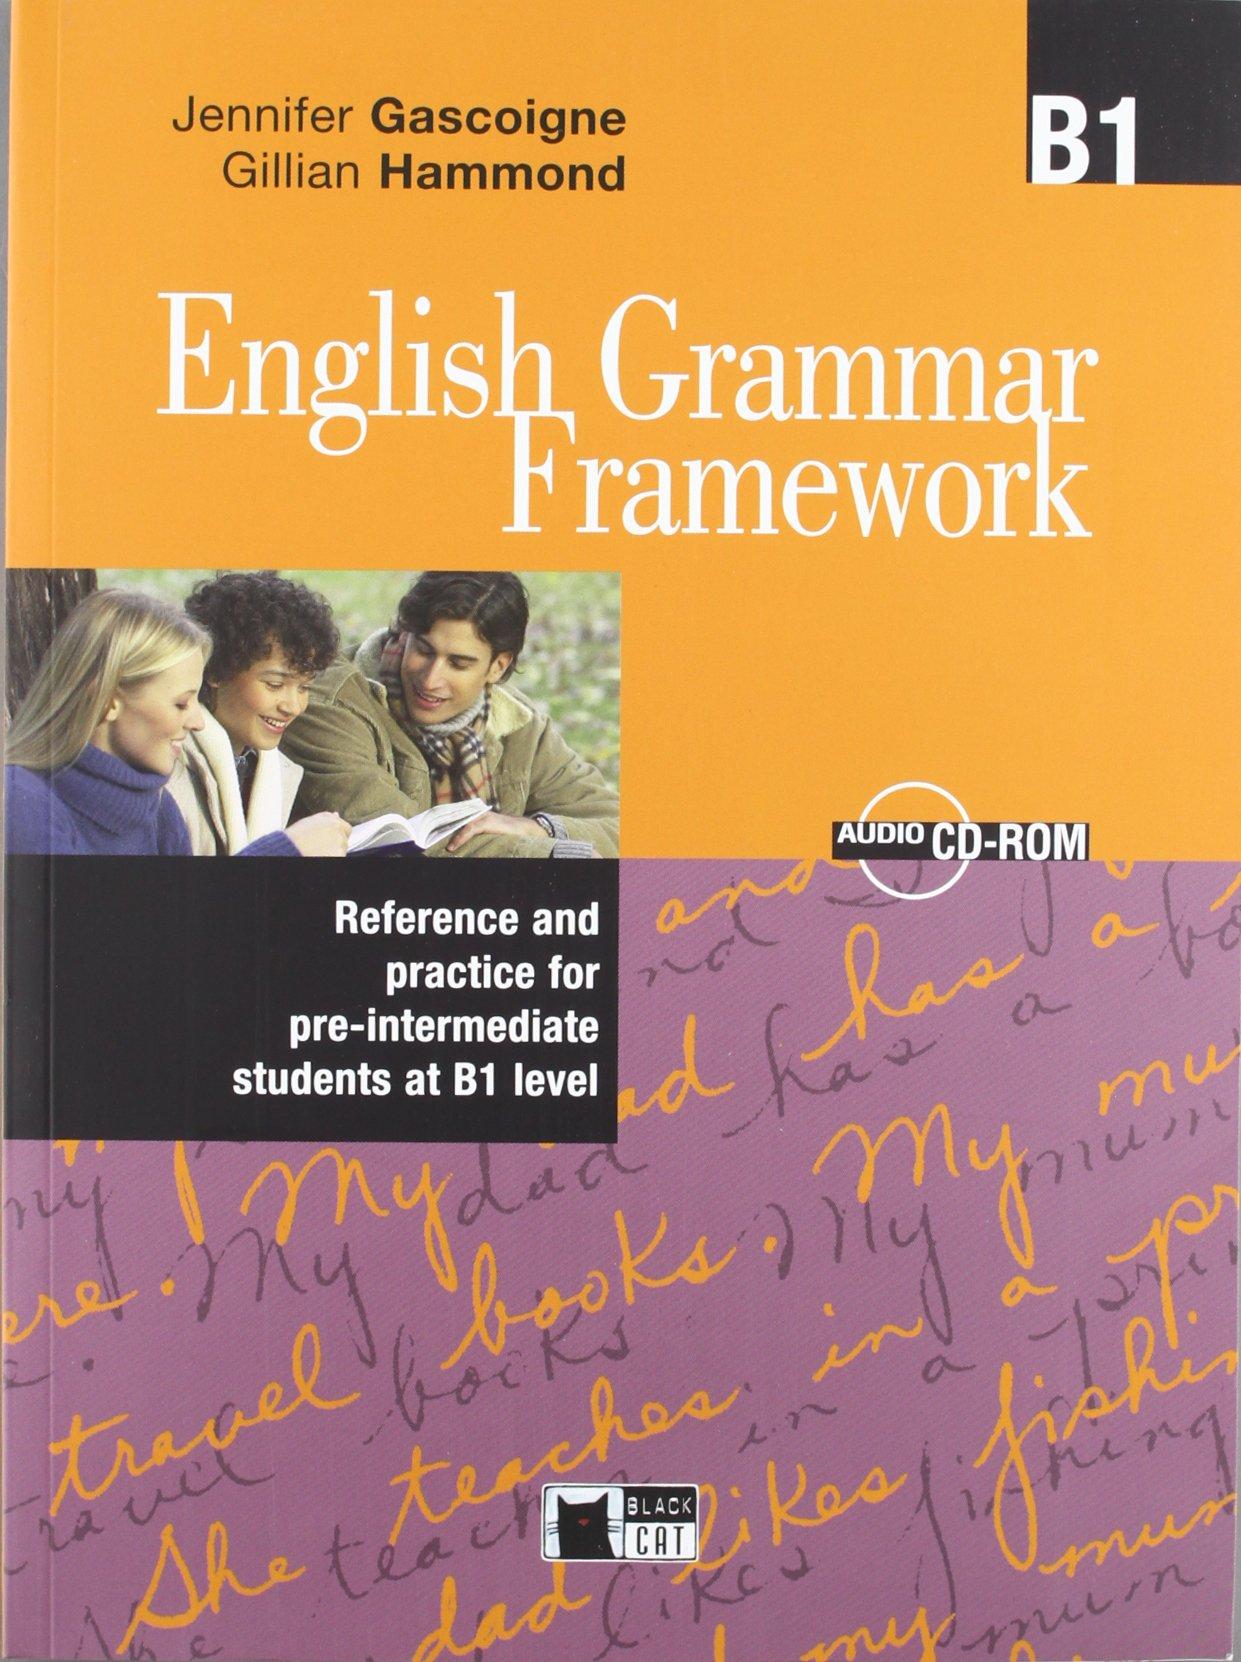 Eng Grammar Framework B1 +R